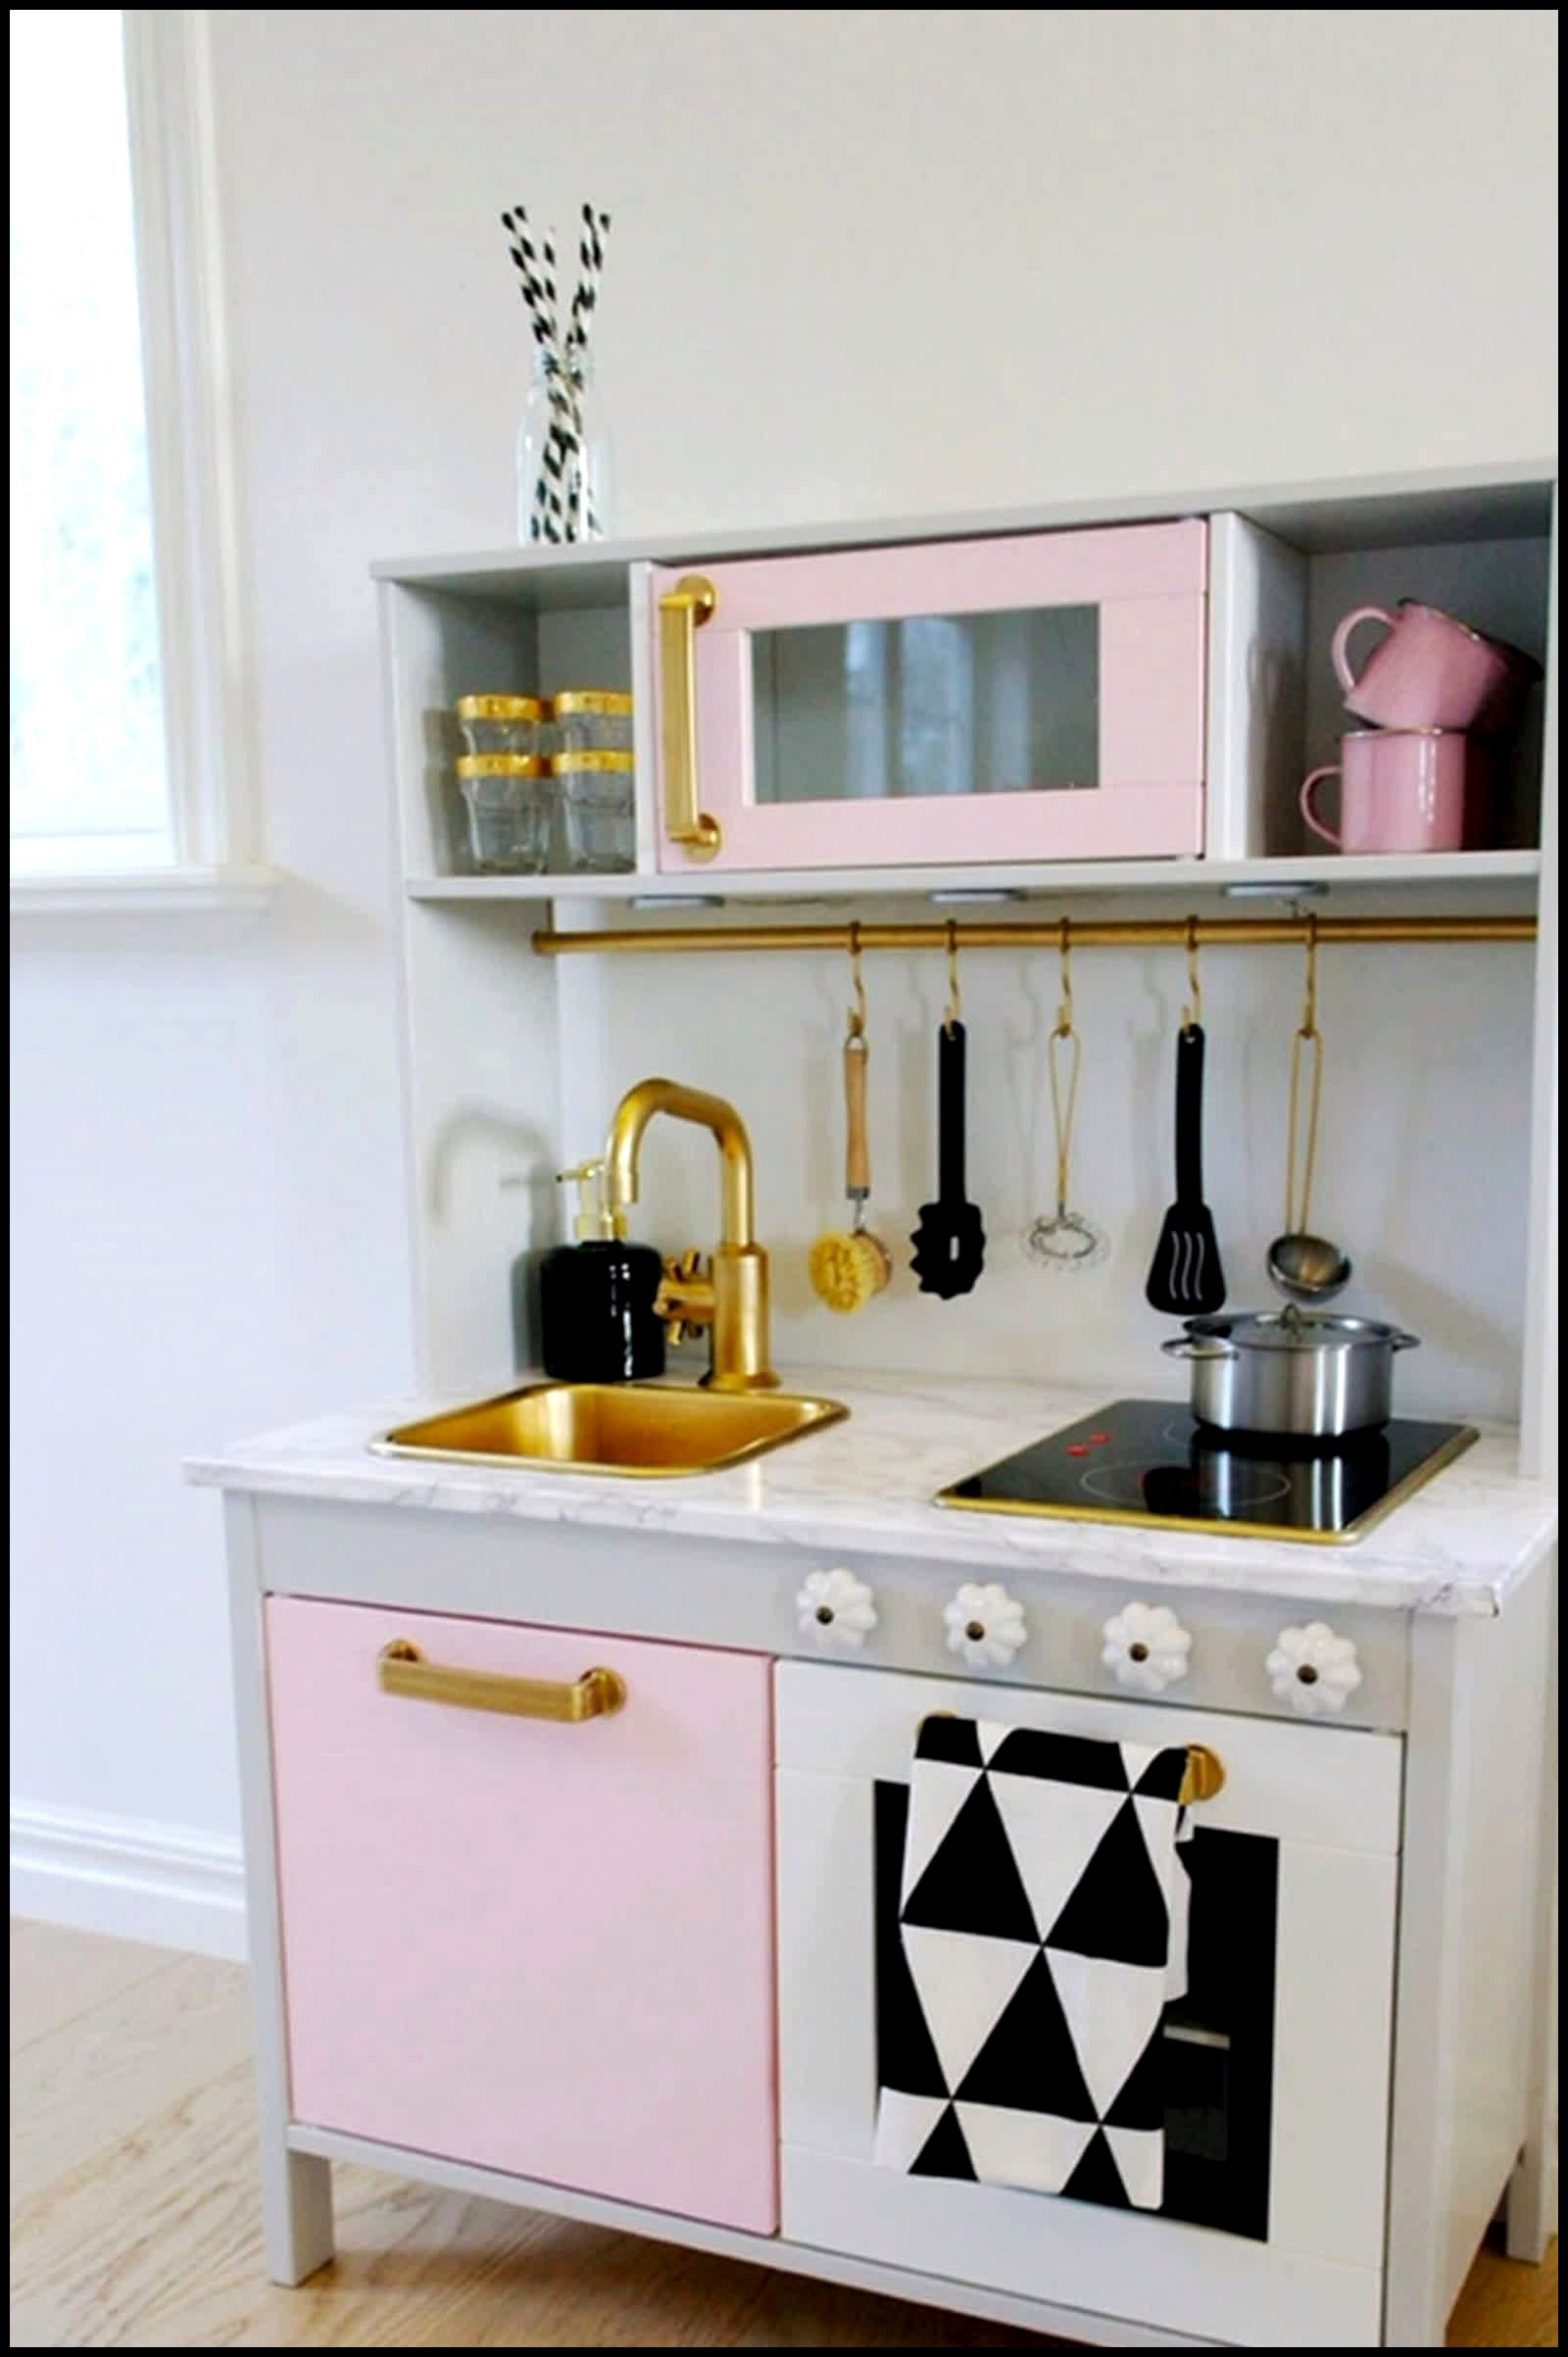 Full Size of Nolte Küchen Zubehör 228190 Ikea Singleküche Küche Single Küche